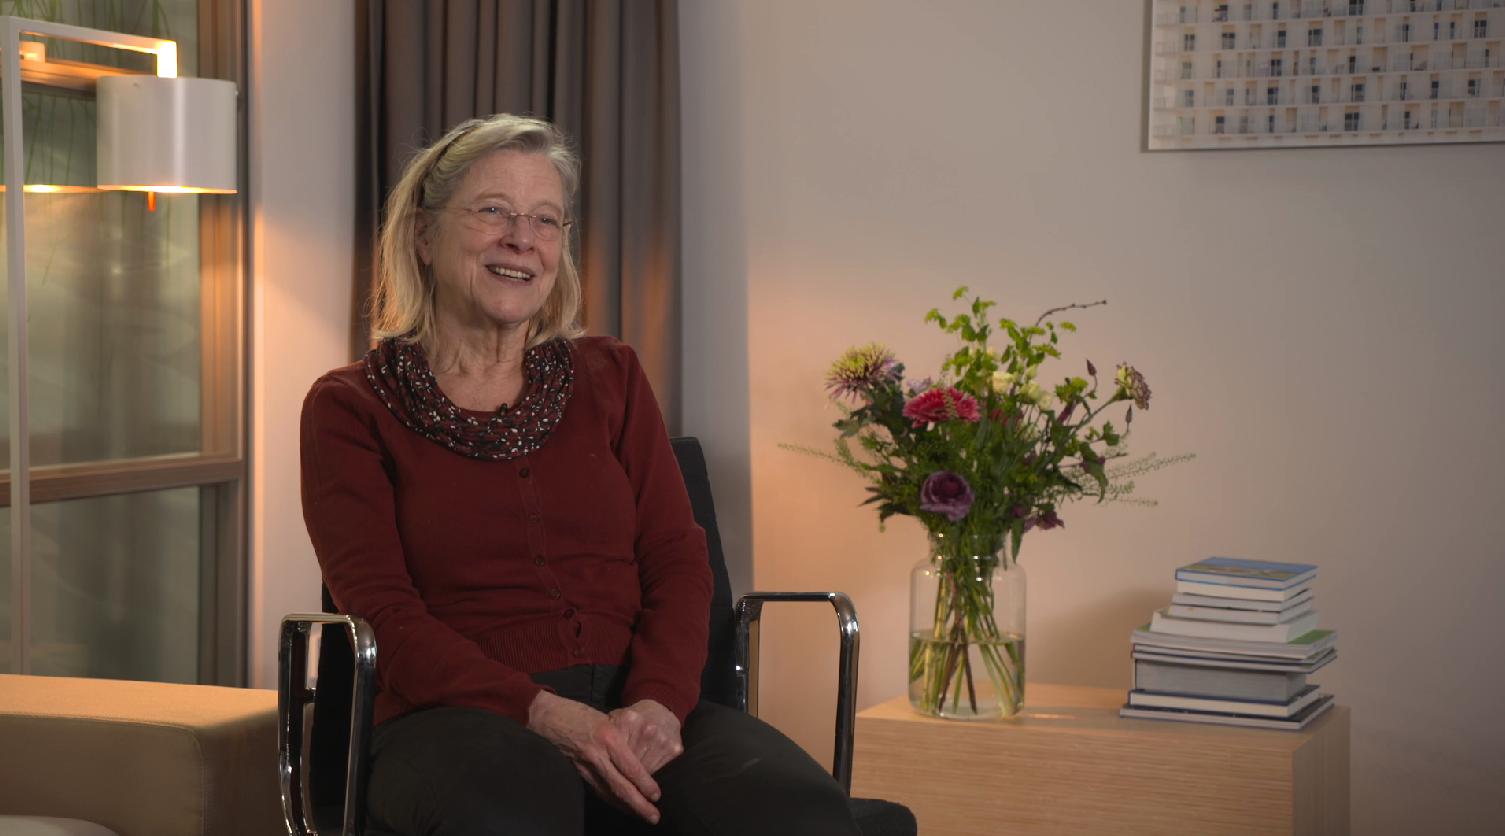 Huisartsopleiding-50-jaar-Marieke-van-es